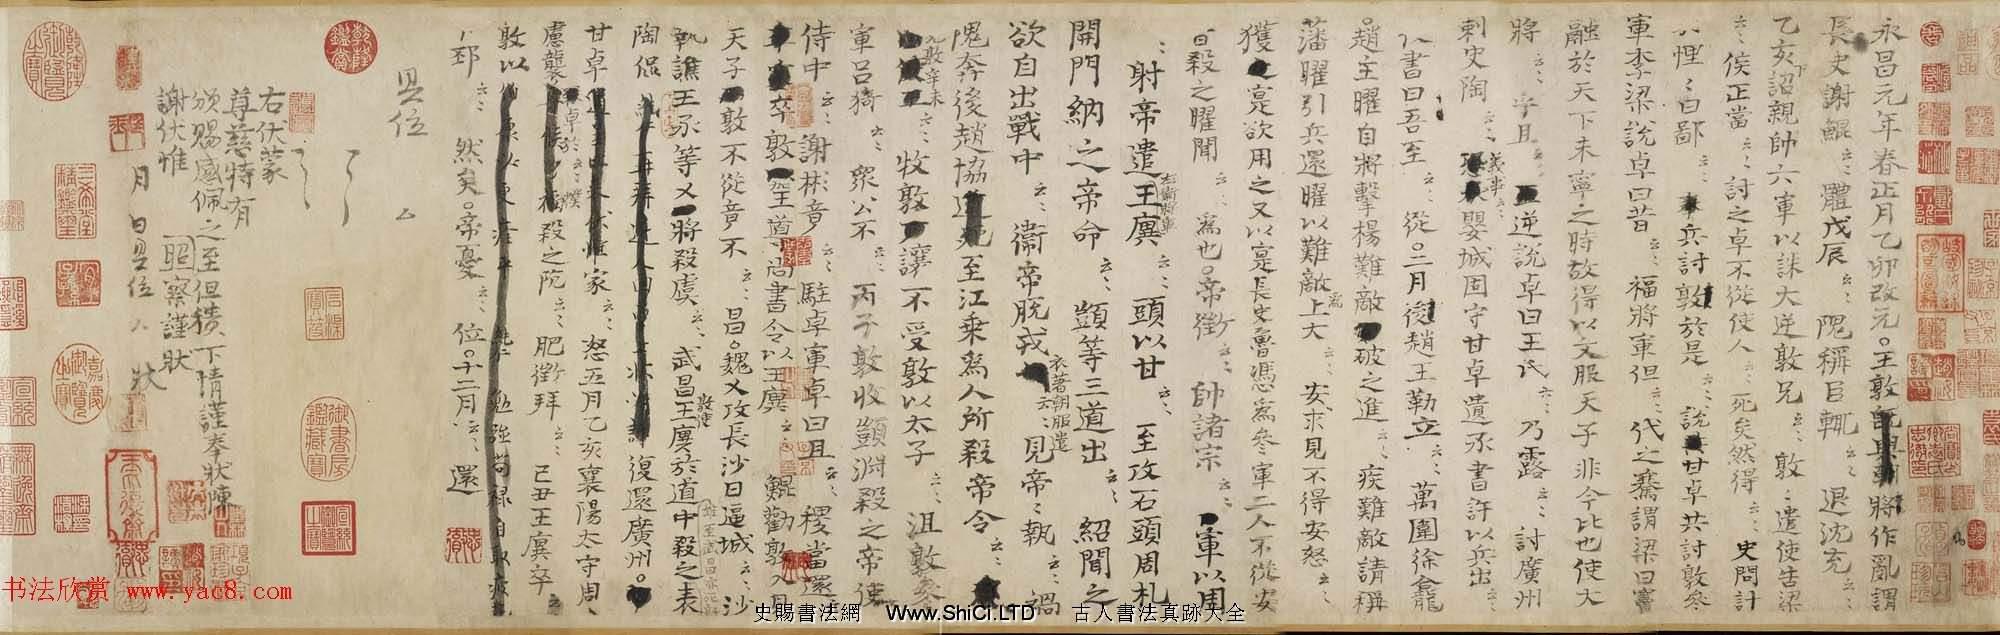 司馬光書法手卷字帖《資治通鑒殘稿》附書跋(共11張圖片)